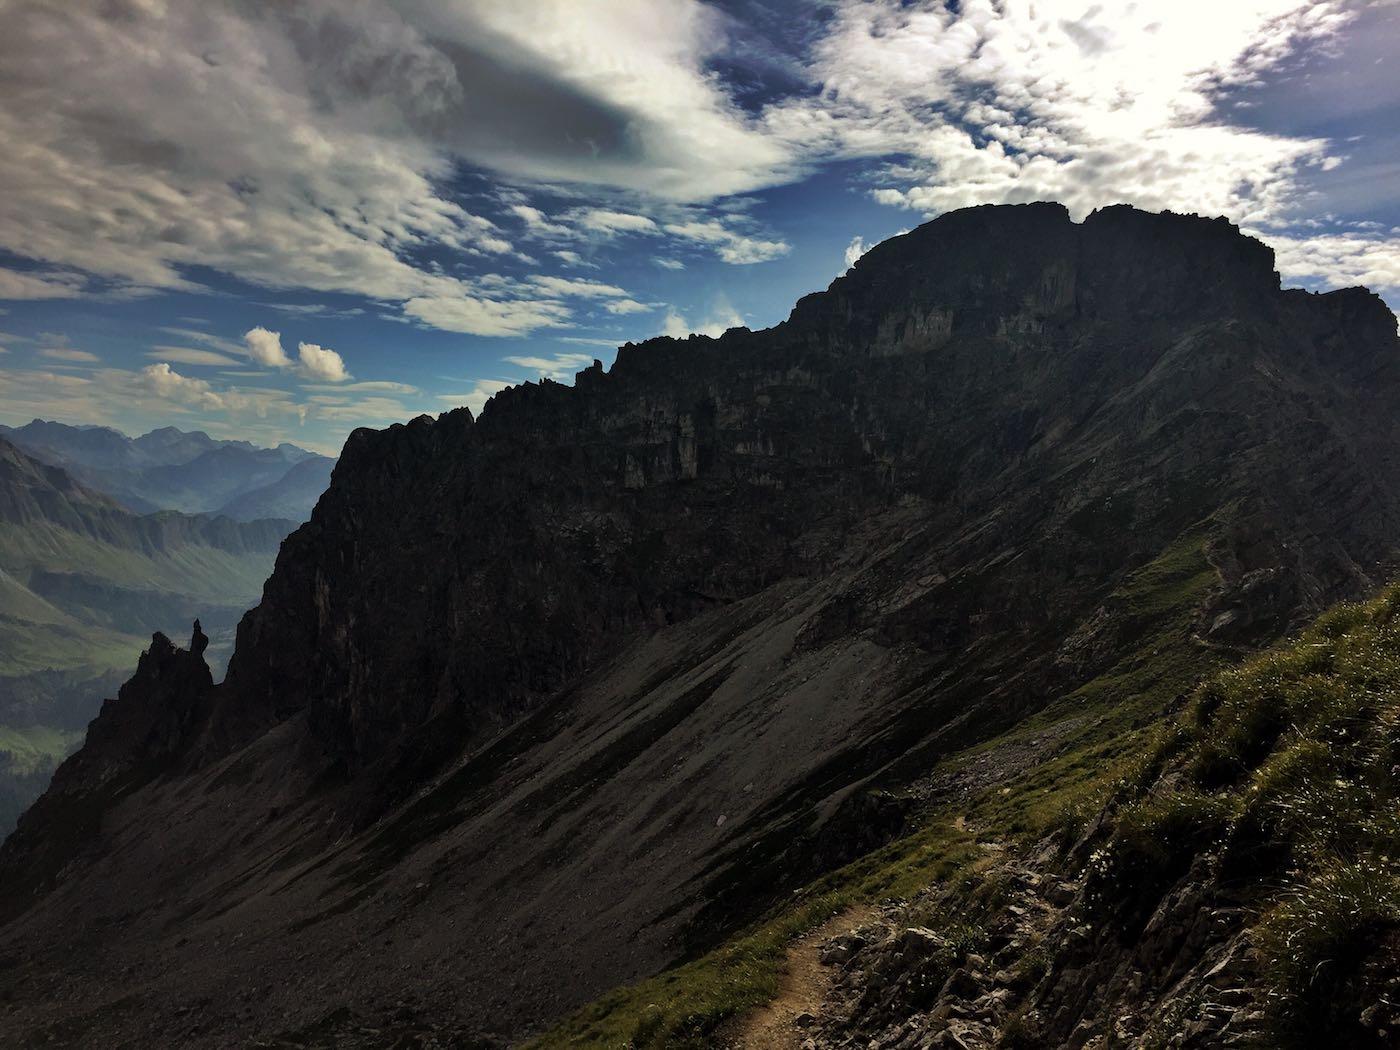 Einstieg zum Mindelheimer Klettersteig